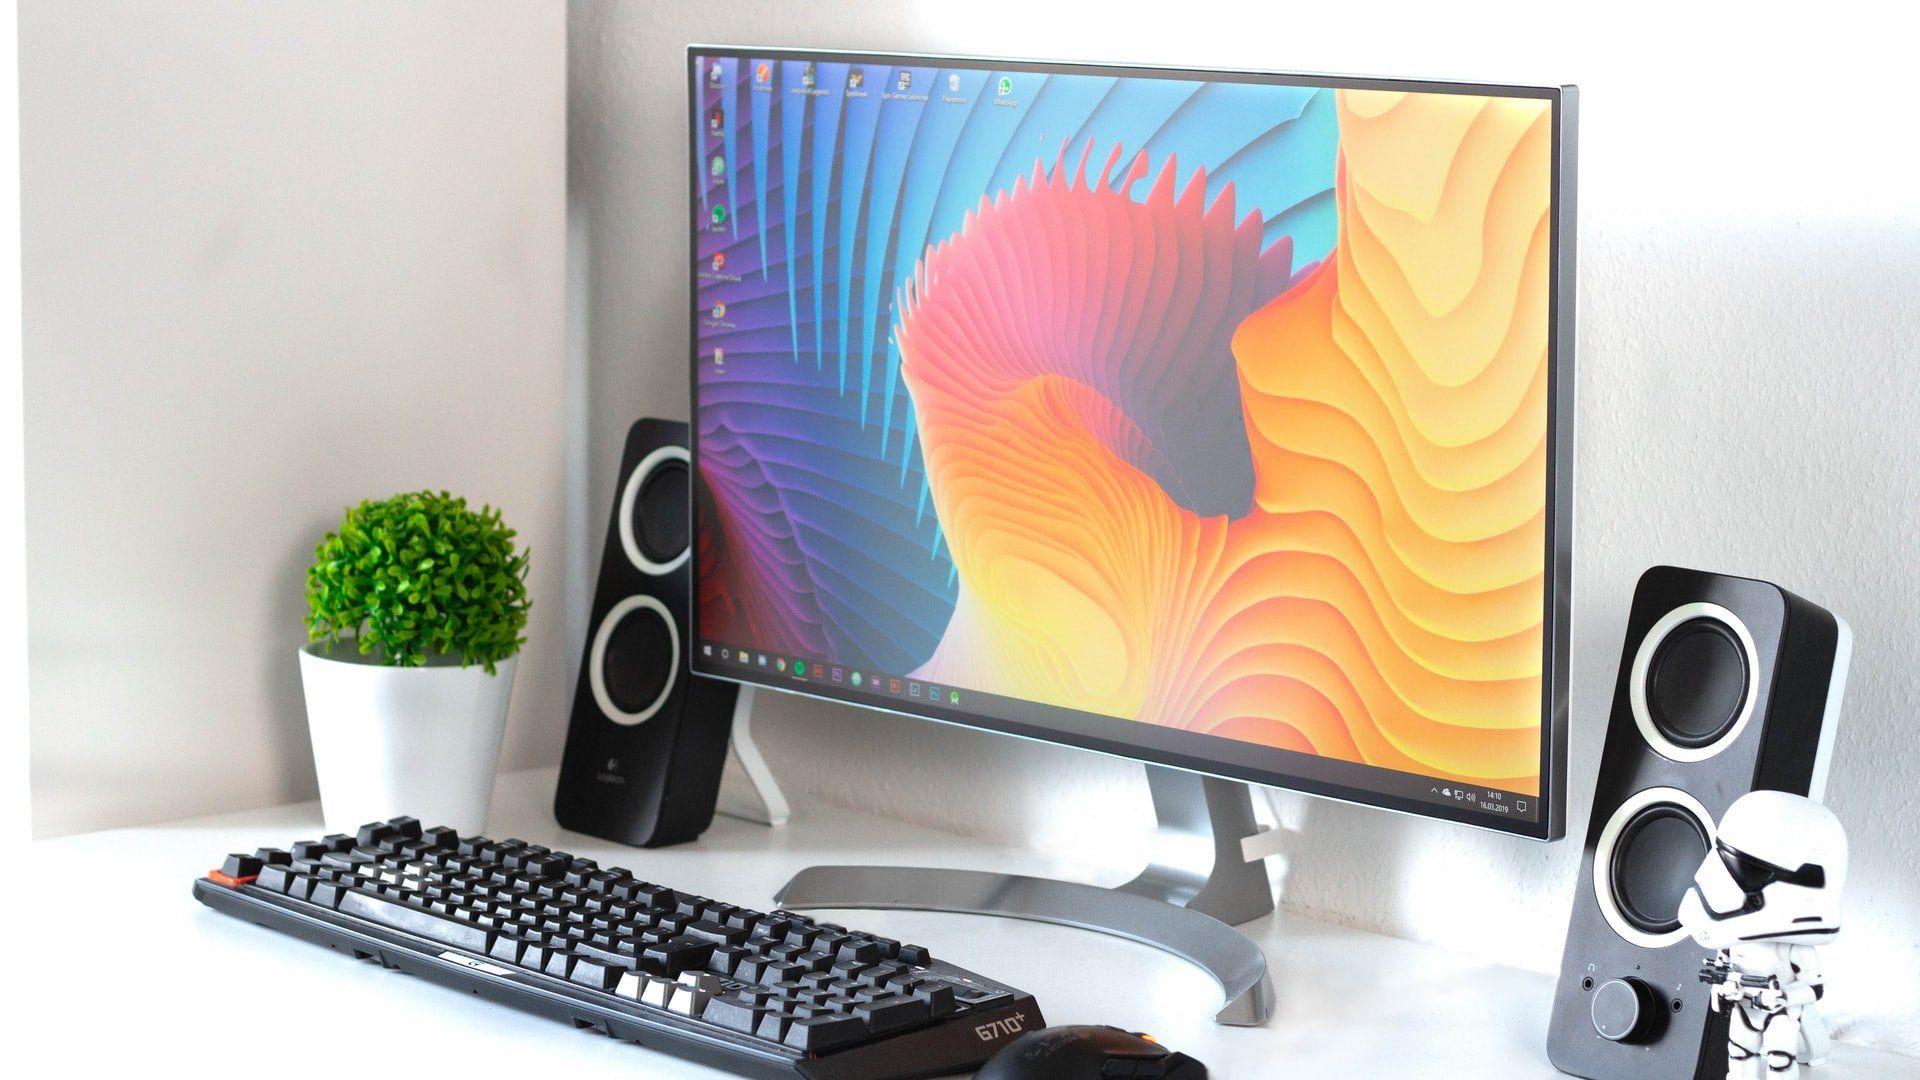 Monitor graficzny Eizo – dlaczego warto na niego postawić?